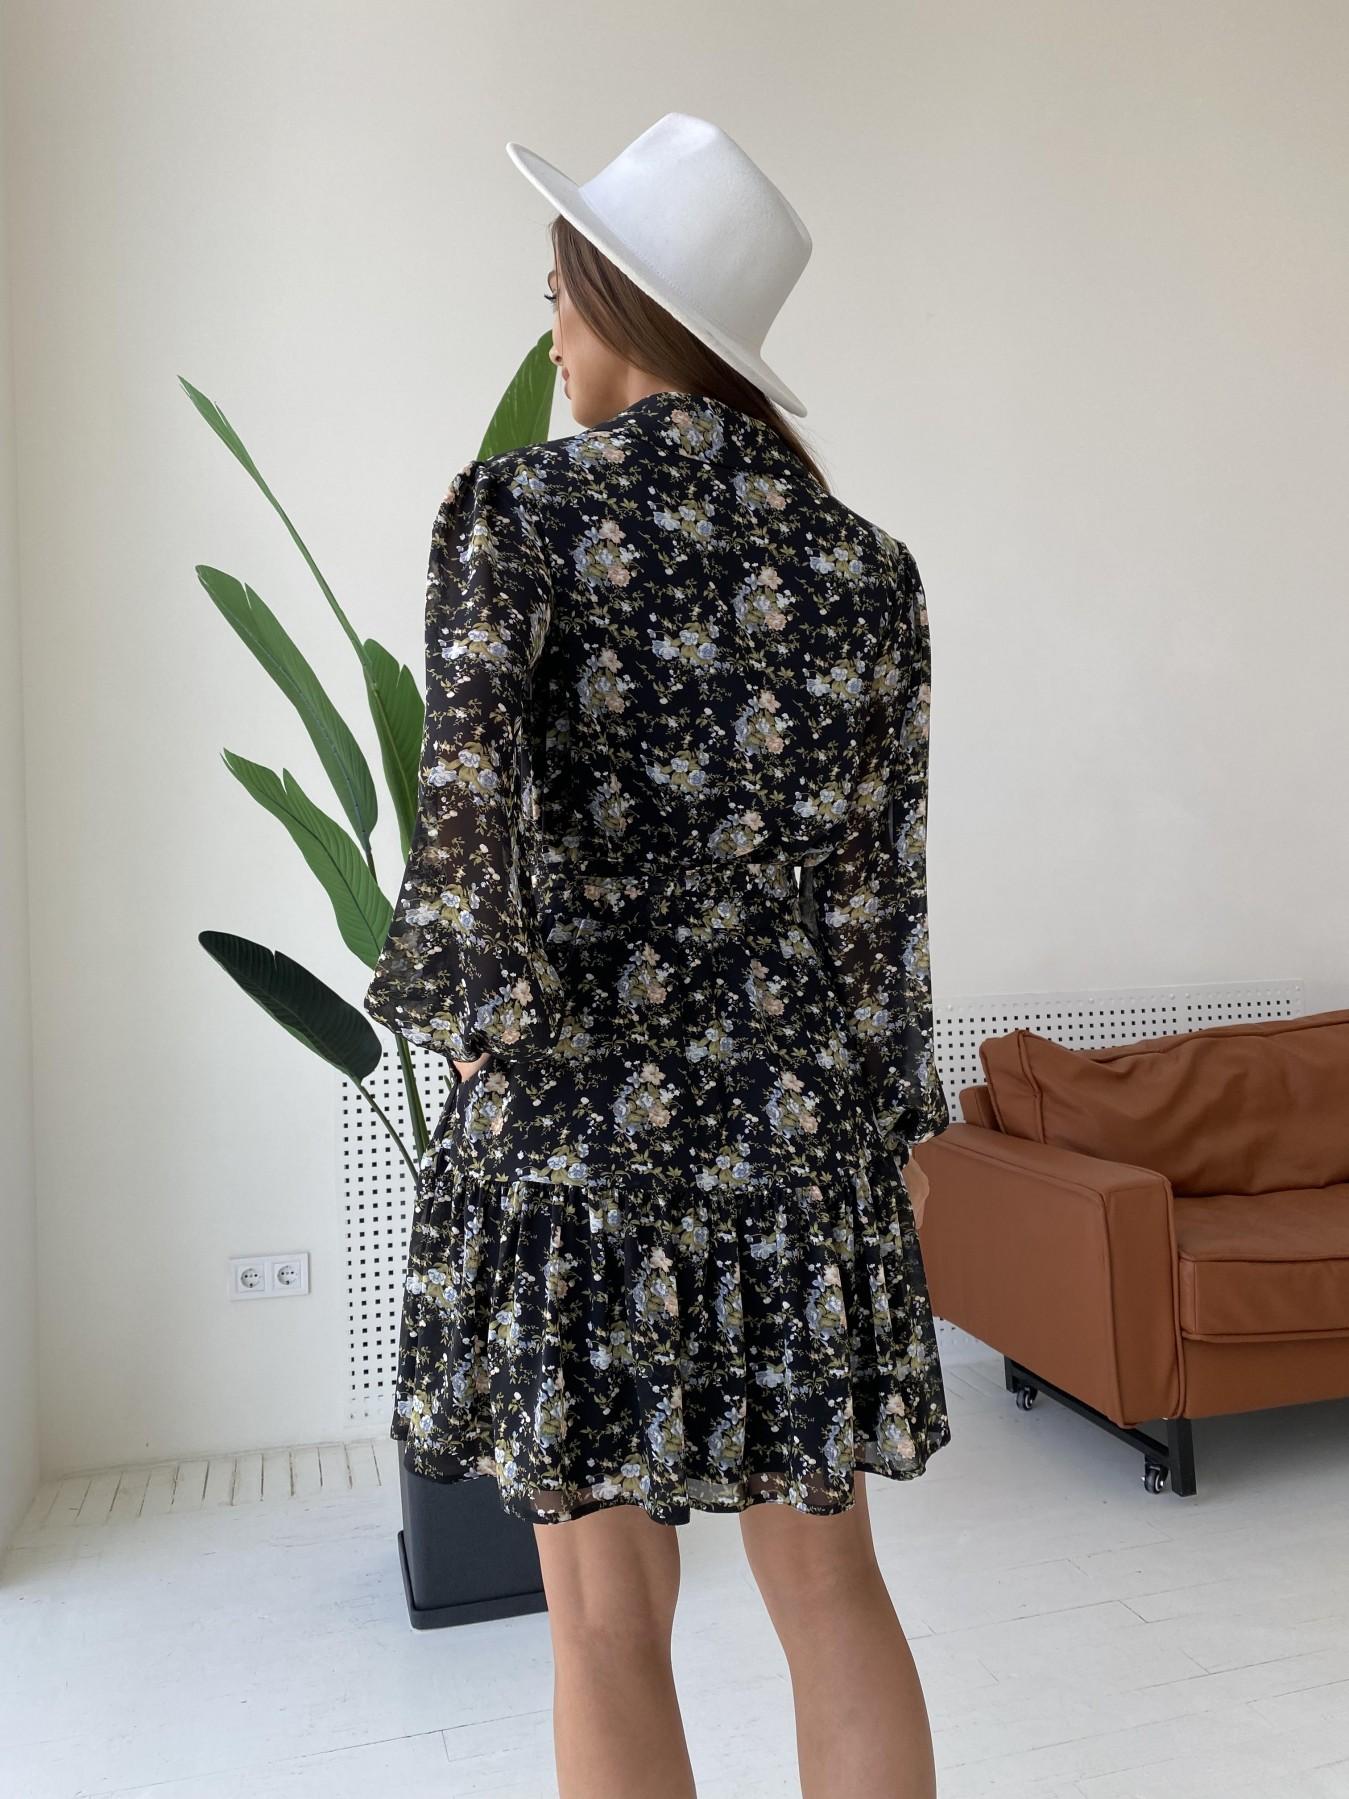 Молизе платье из шифона длиной мини с длинным рукавом в цветочной расцветке 11683 АРТ. 48411 Цвет: Черный/беж/голубой/БукетЦв - фото 7, интернет магазин tm-modus.ru